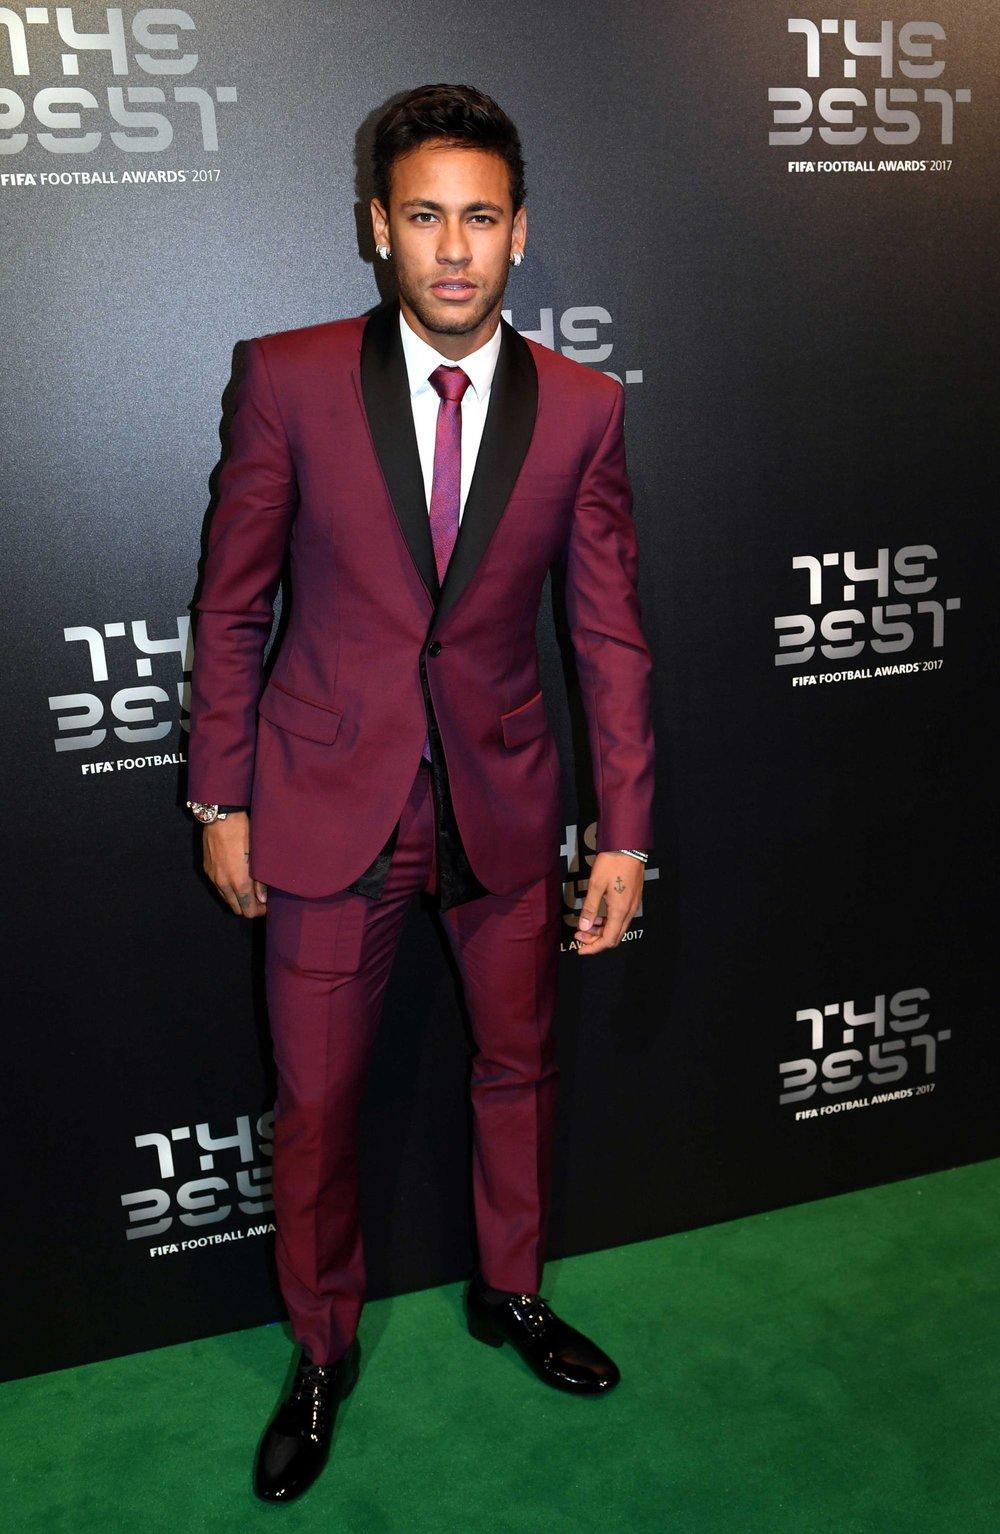 Contradizendo Neymar, aqui temos um exemplo ótimo de corte preciso com combinação de cores de bom gosto. Apesar de não muito comuns, as peças são lisas e não representam nenhum exagero. O cabelo, apesar de não ser nota 10, passa ileso na nossa análise.